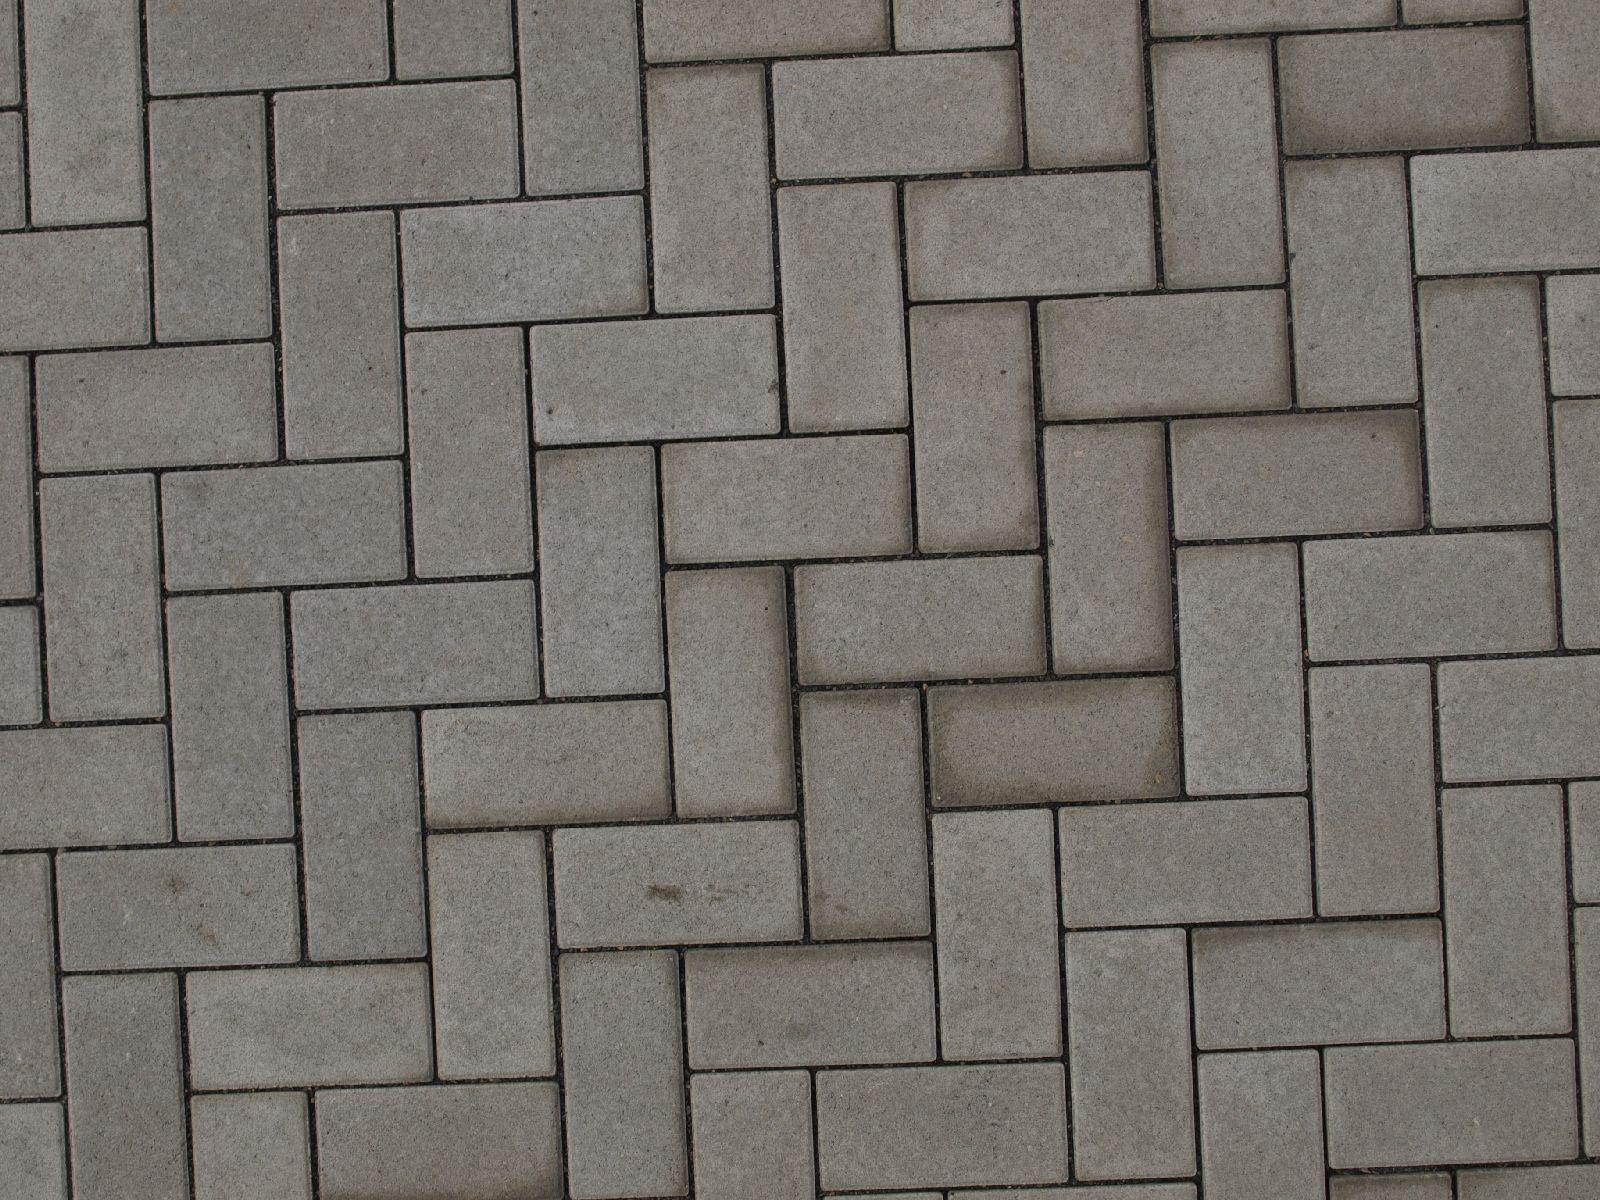 Ground-Urban_Texture_A_P9209788